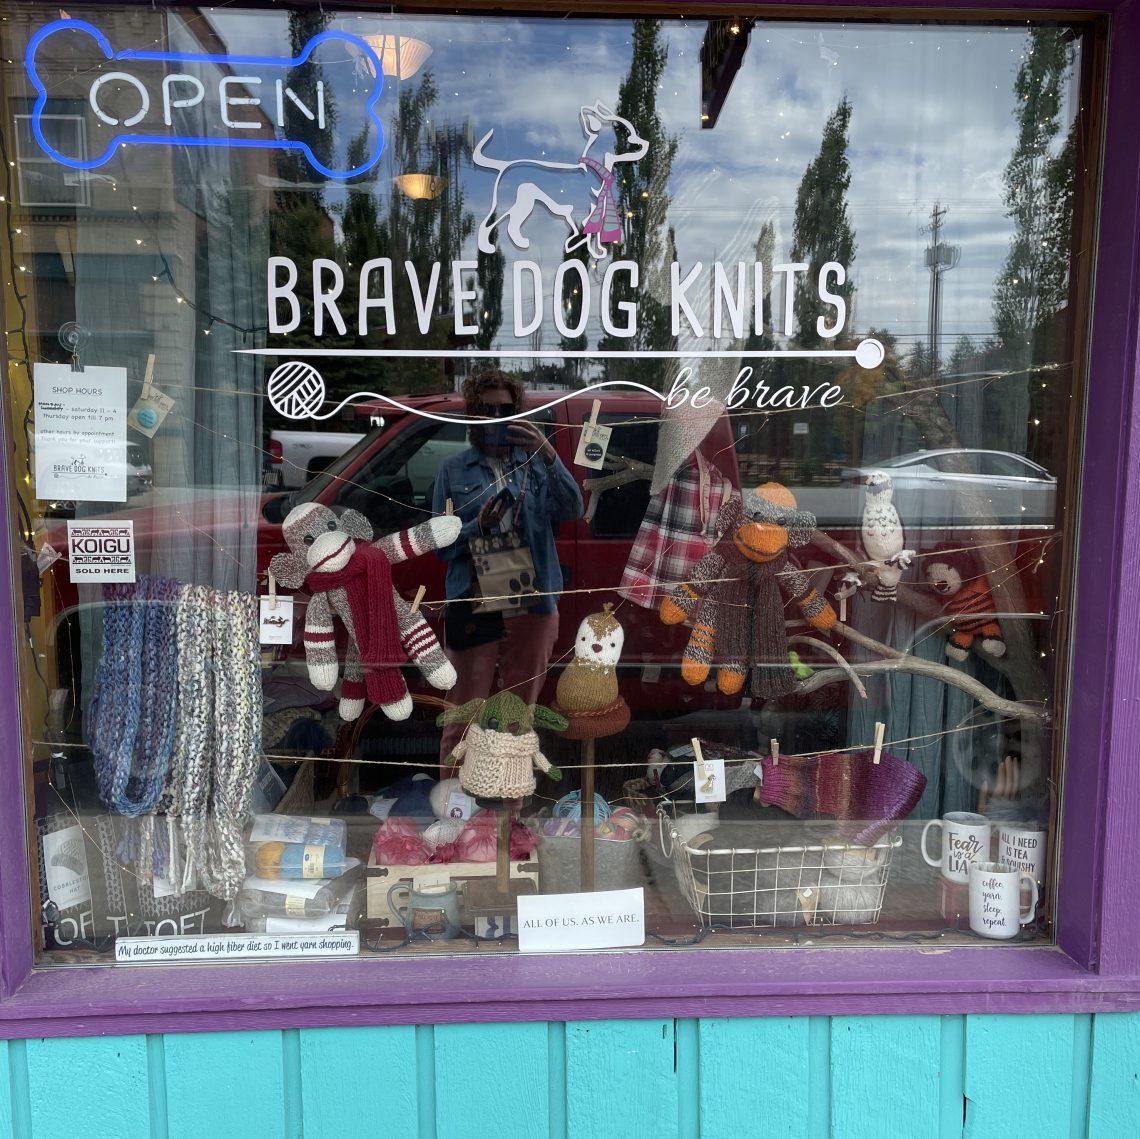 Brave Dog Knits